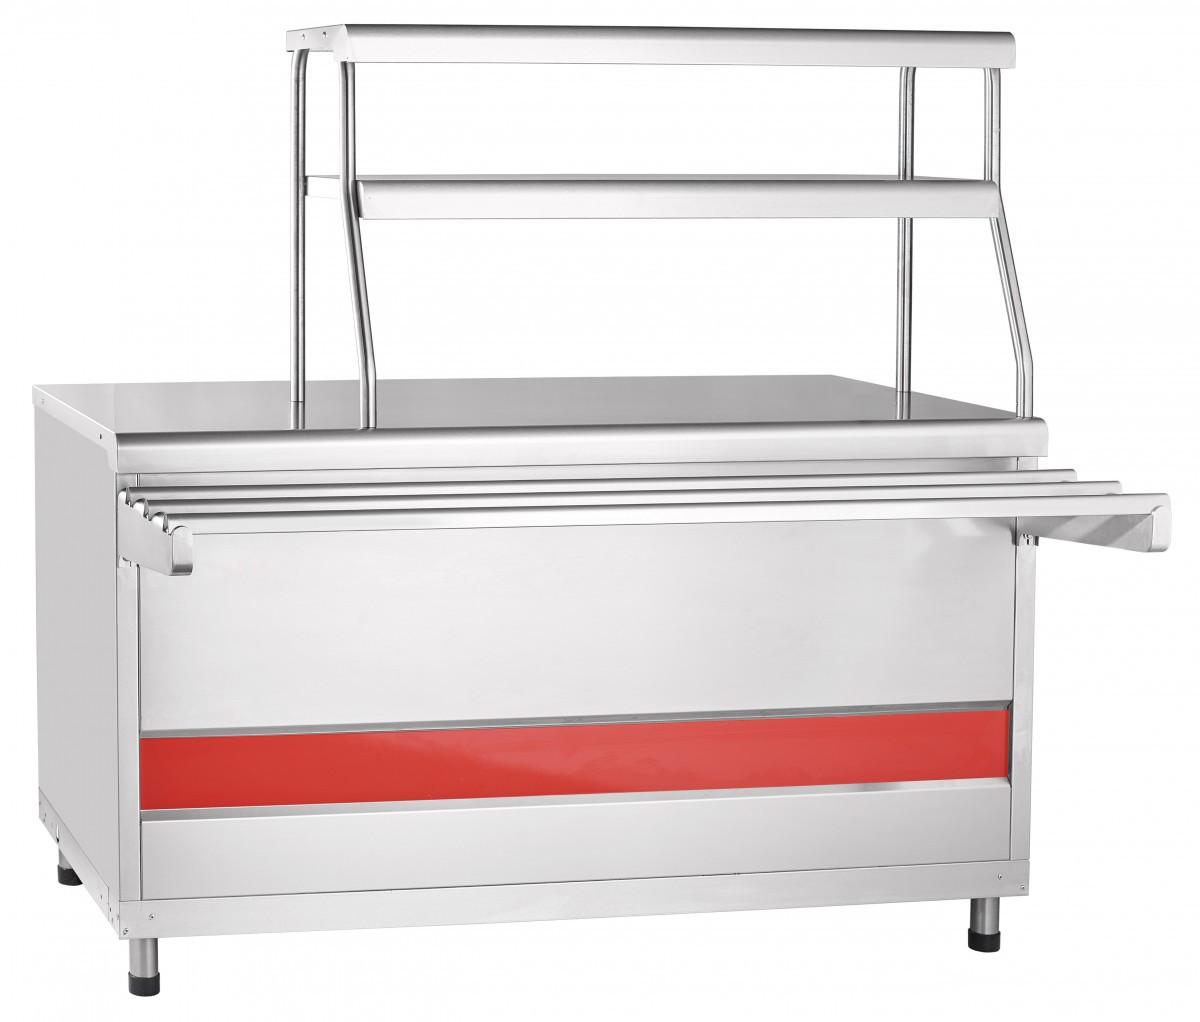 Прилавок для горячих напитков ПГН-70КМ-01 нейтральный стол (Линии раздачи для столовых)